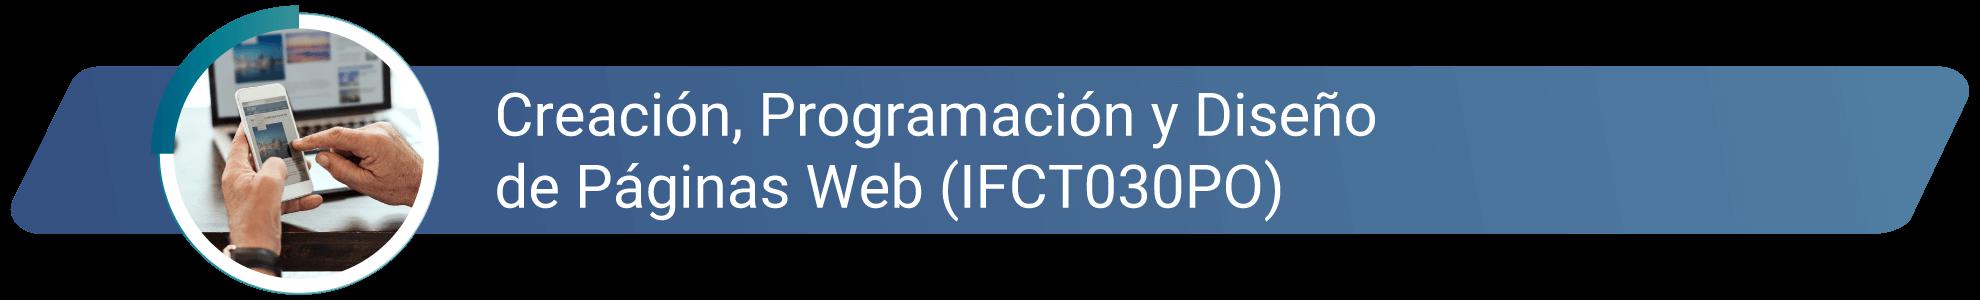 IFCT030PO - Creación, programación y diseño de páginas web